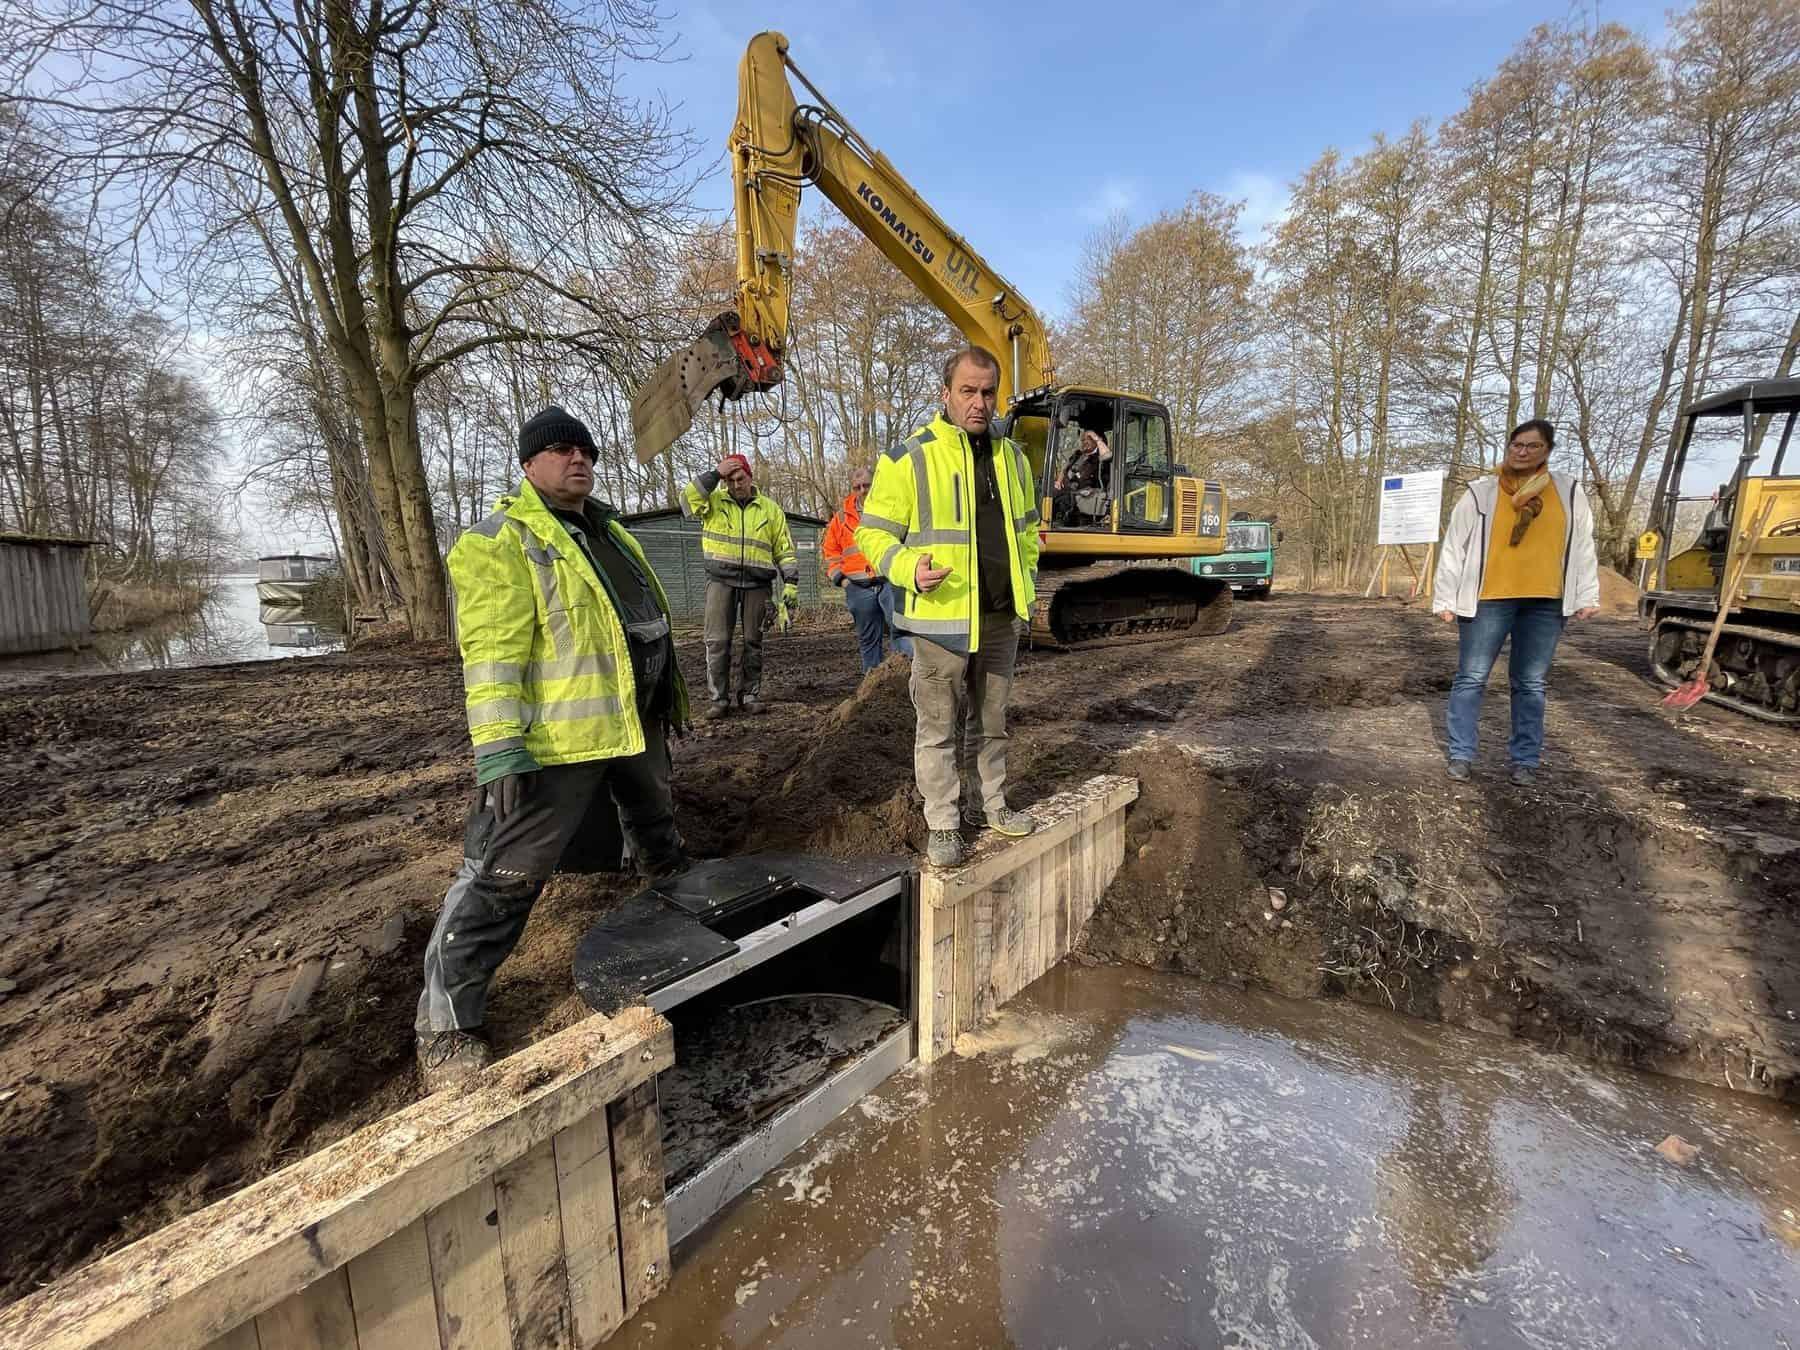 Der Bau eines Staus im Kalkflachmoor. Foto: Sven Herzog